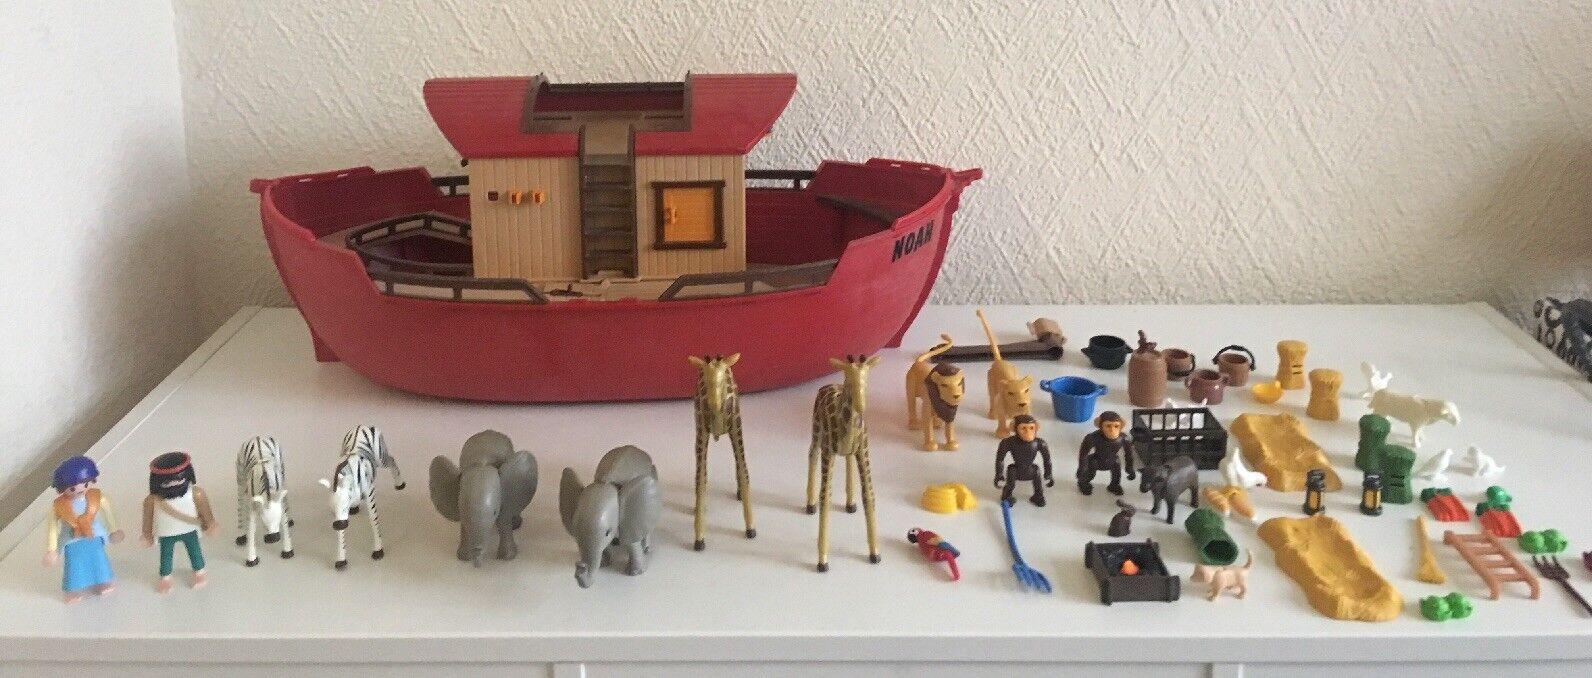 Playmobil - Noah's Ark - 5276 - Animals - Food - Accesories